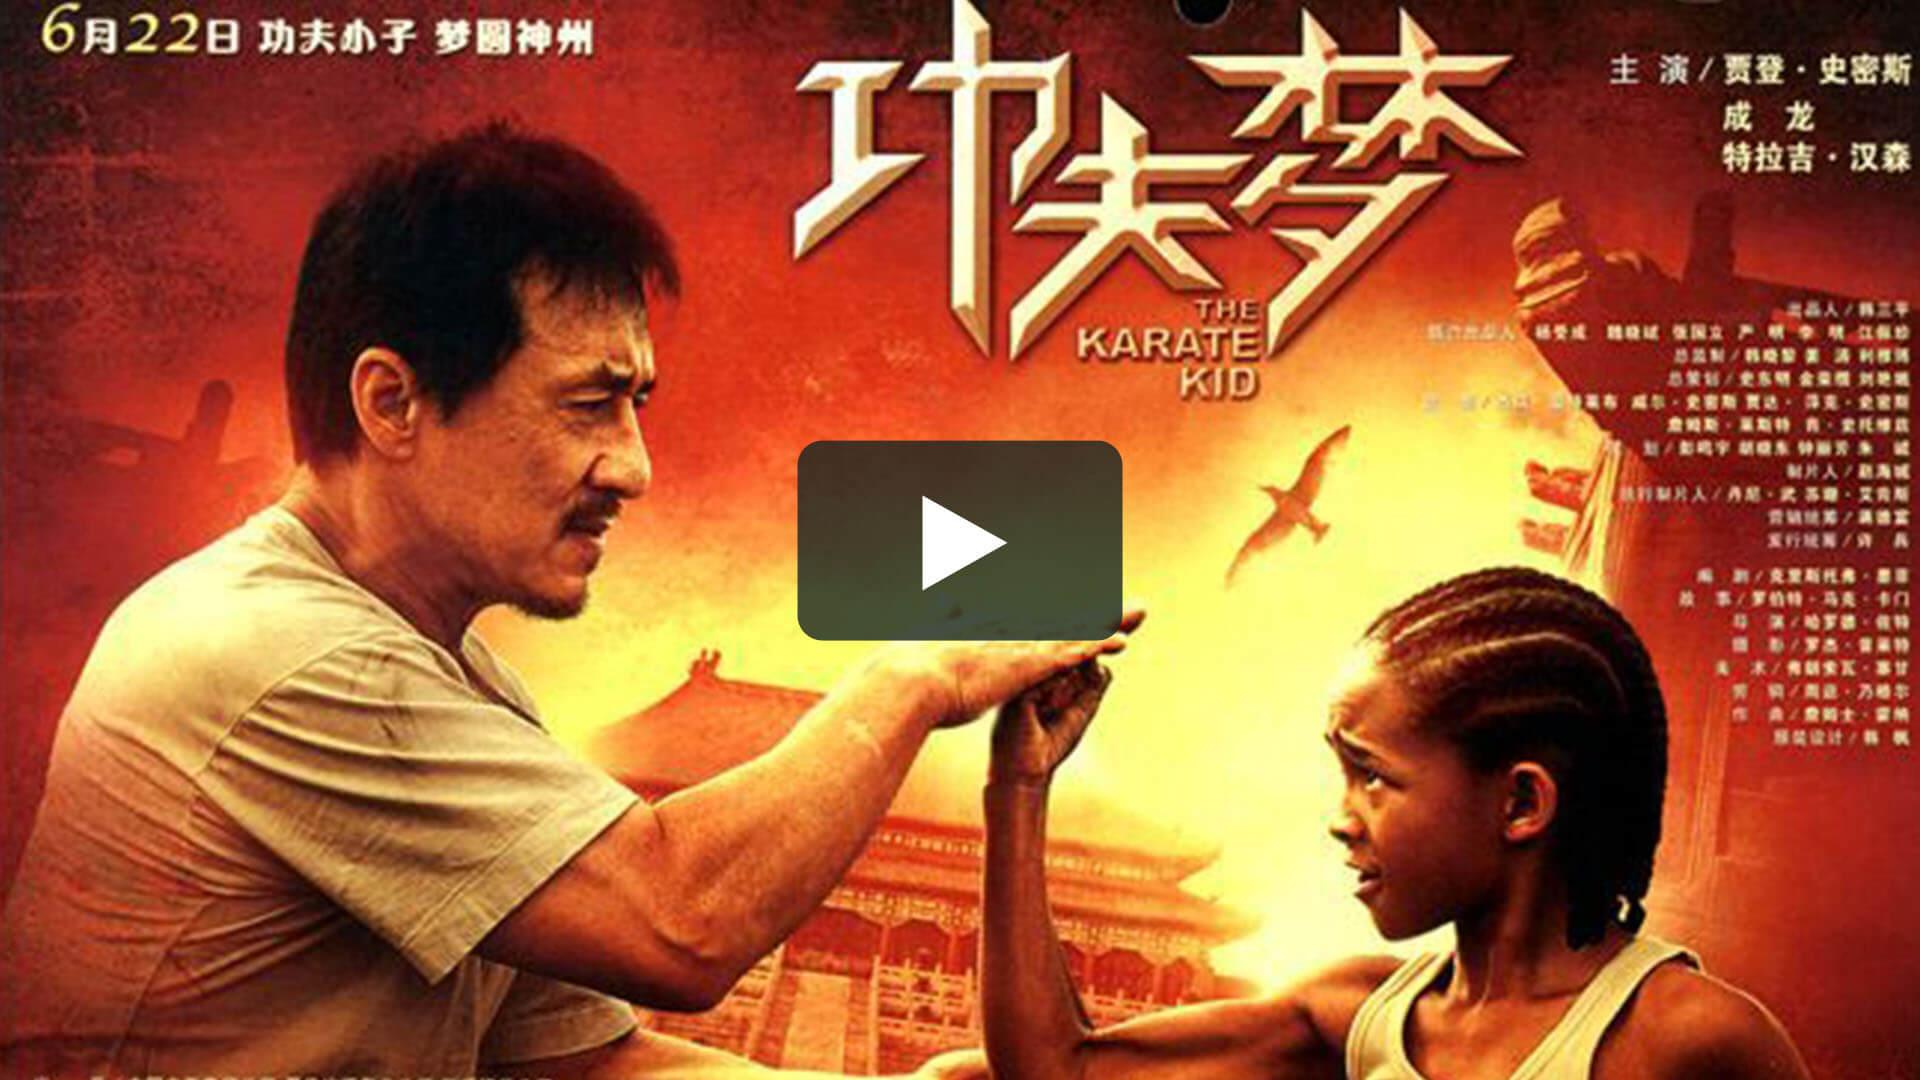 功夫夢 - The Karate Kid